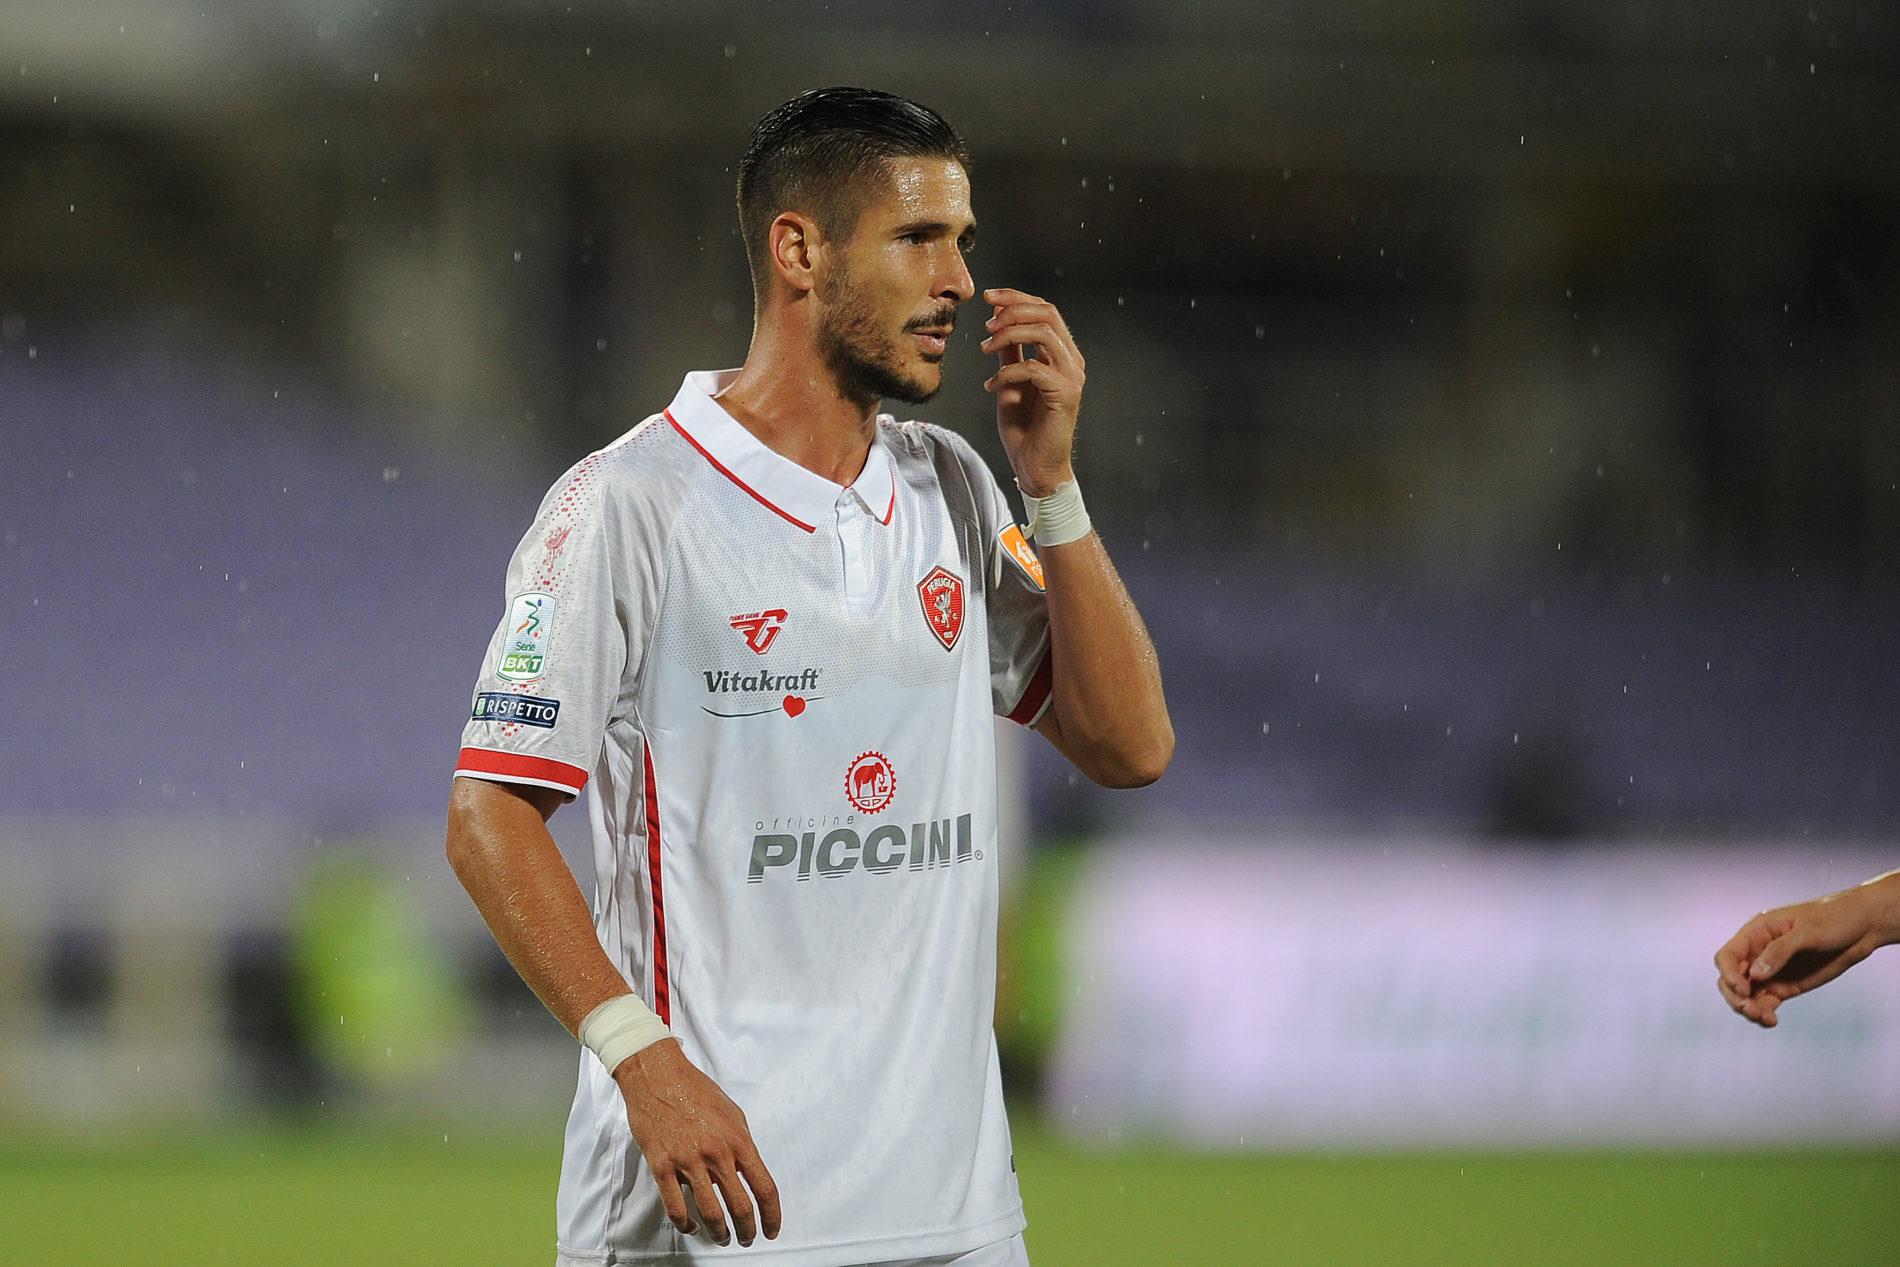 Le pagelle del Perugia: Falcinelli, gol in agrodolce - Calcio Grifo